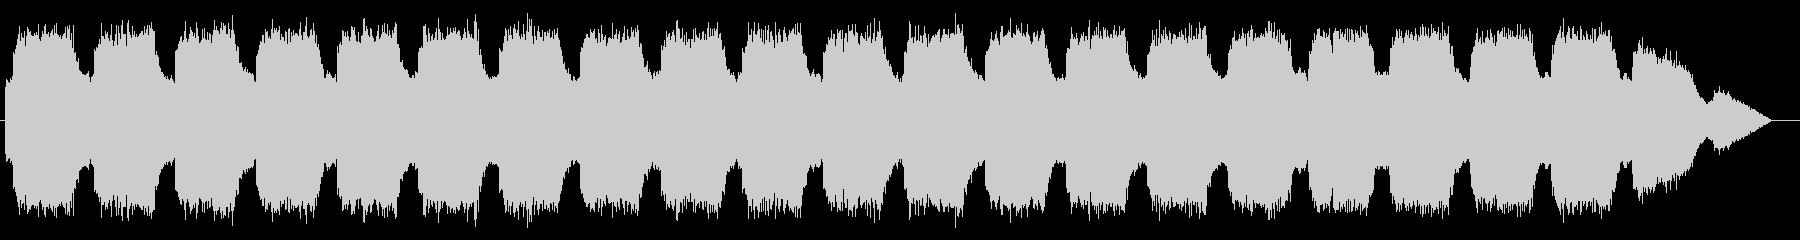 エマージェンシーサイレン タイプDの未再生の波形